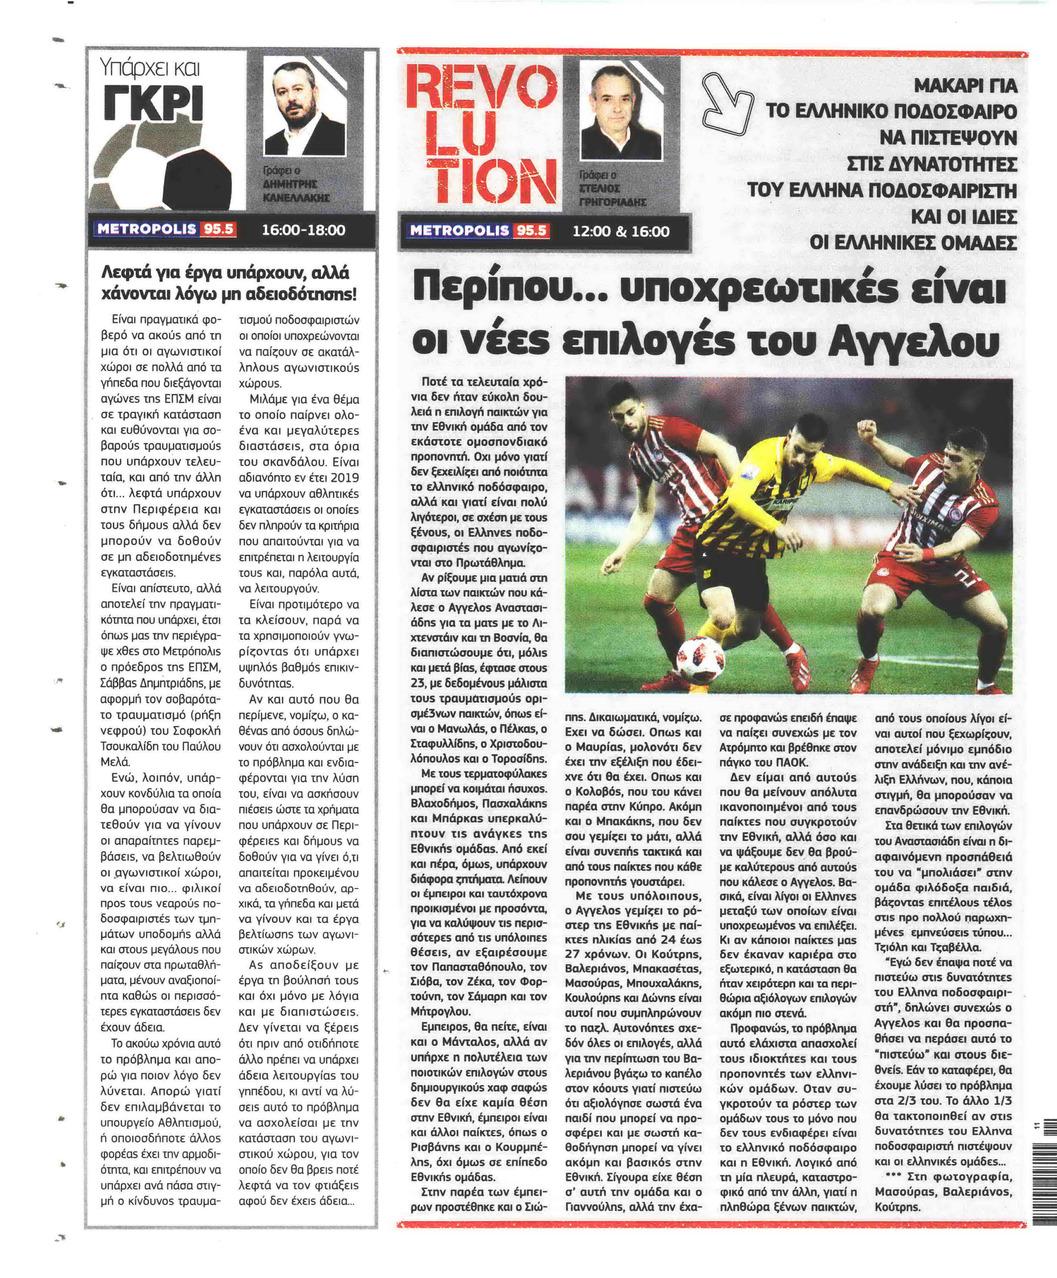 Οπισθόφυλλο εφημερίδας Μetrosport